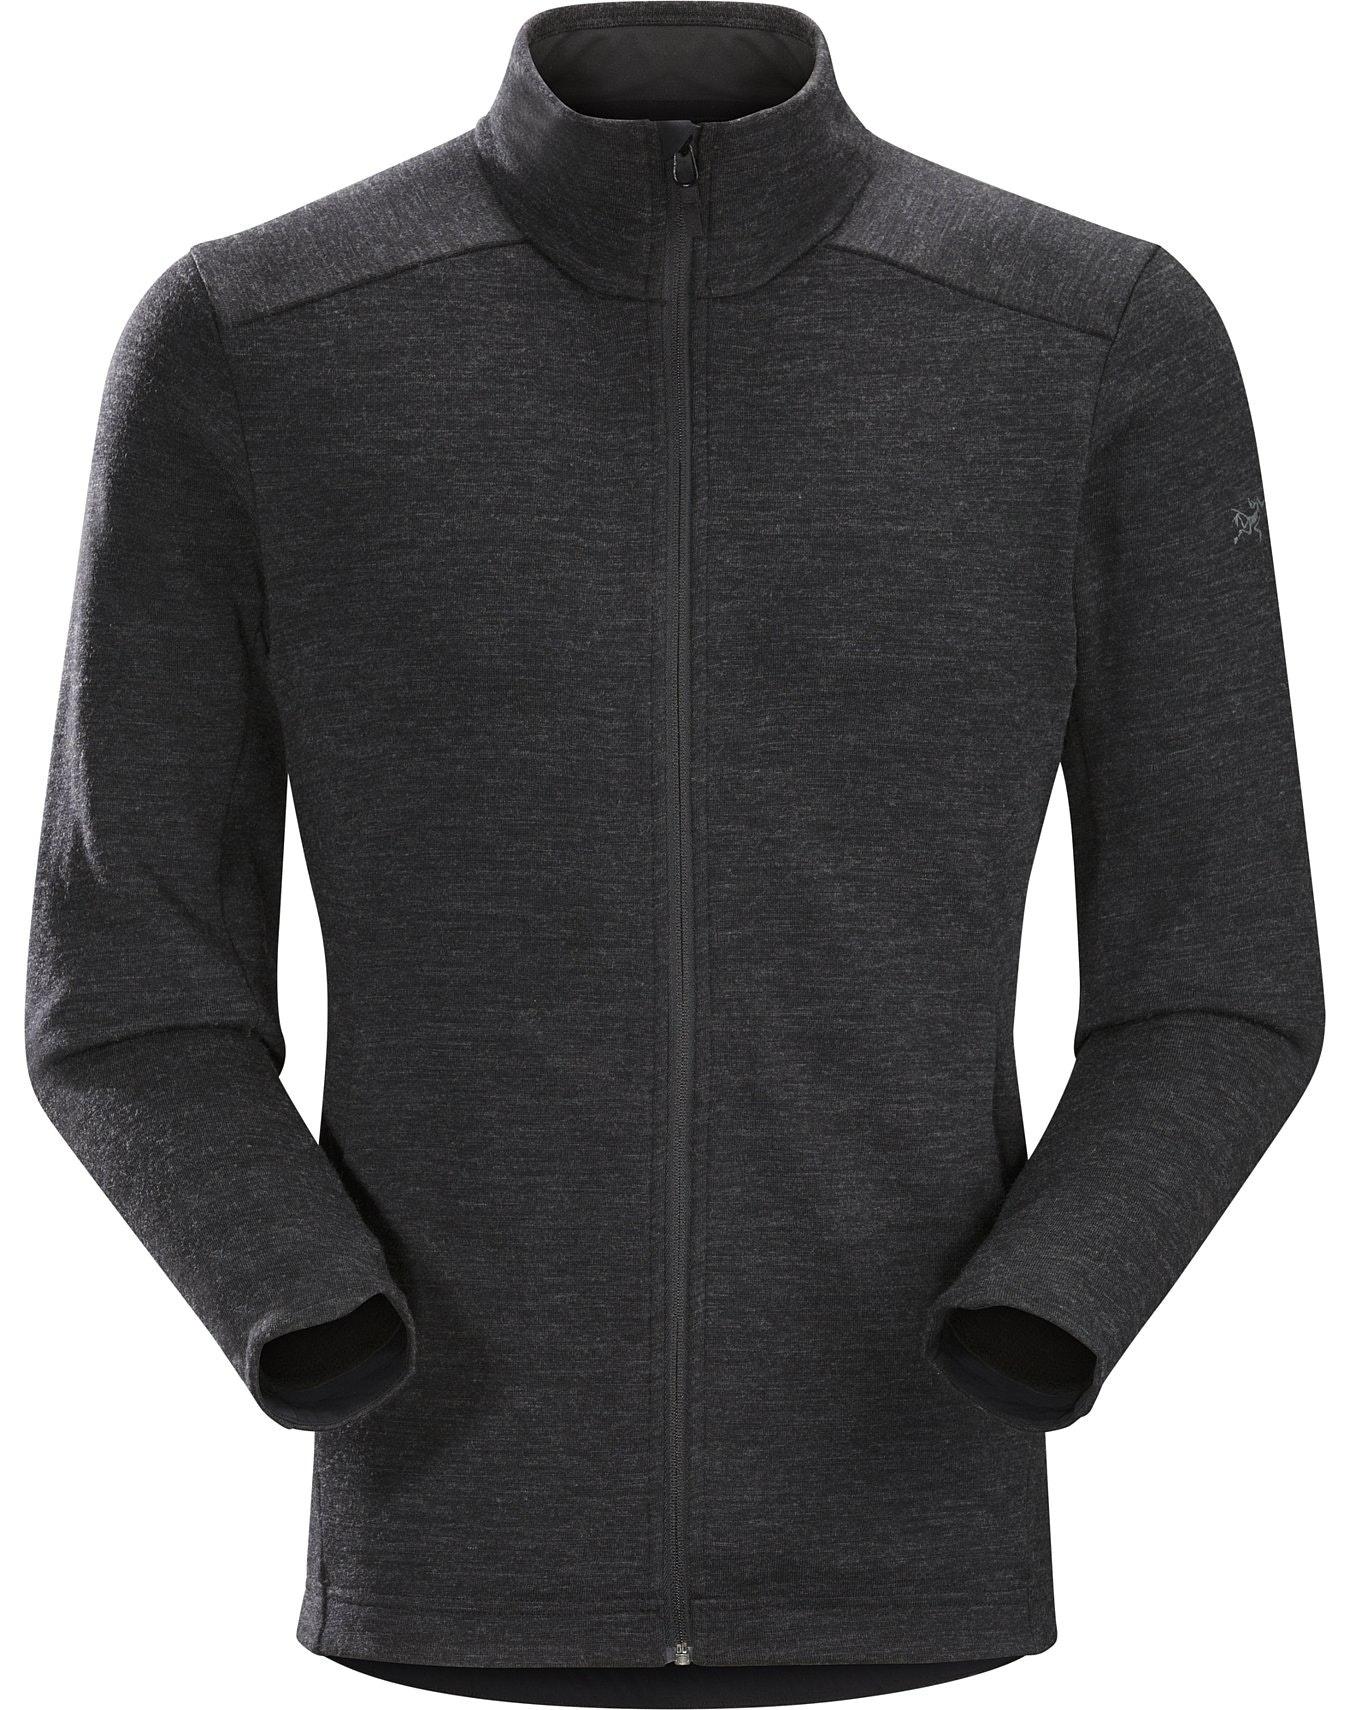 ARCTERYX Arc'teryx A2B Vinton Jacket Men's